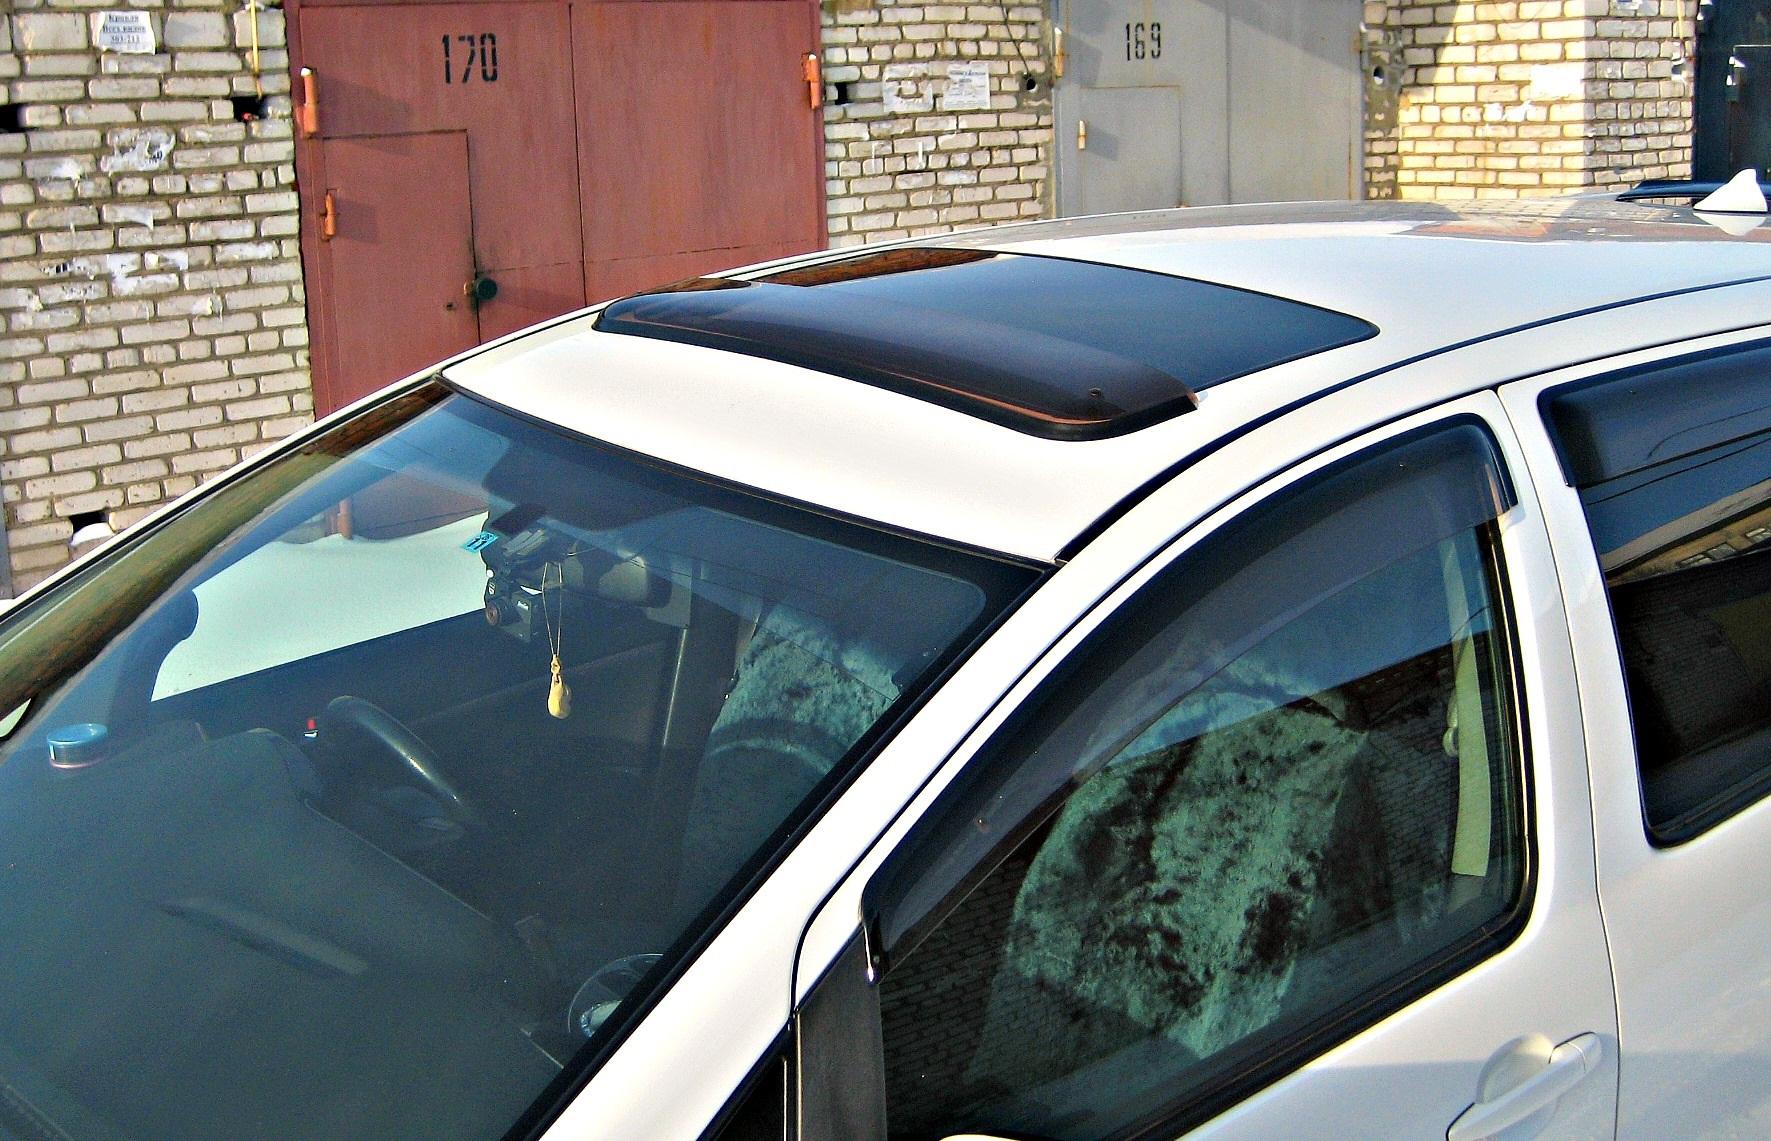 Установка дефлекторов на люк авто